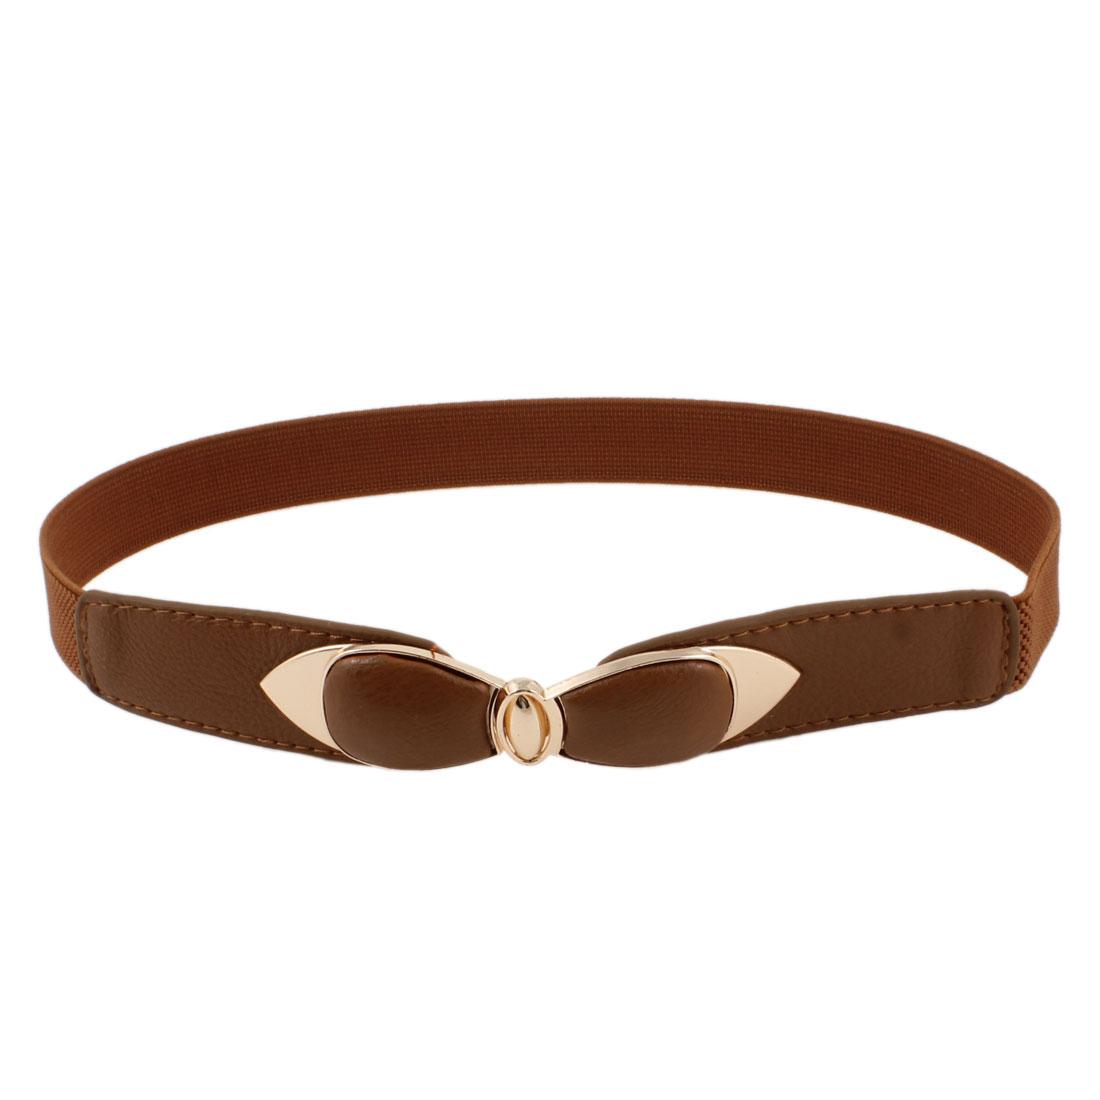 Bowtie Design Interlock Buckle Stretch High Waist Belt Brown for Woman